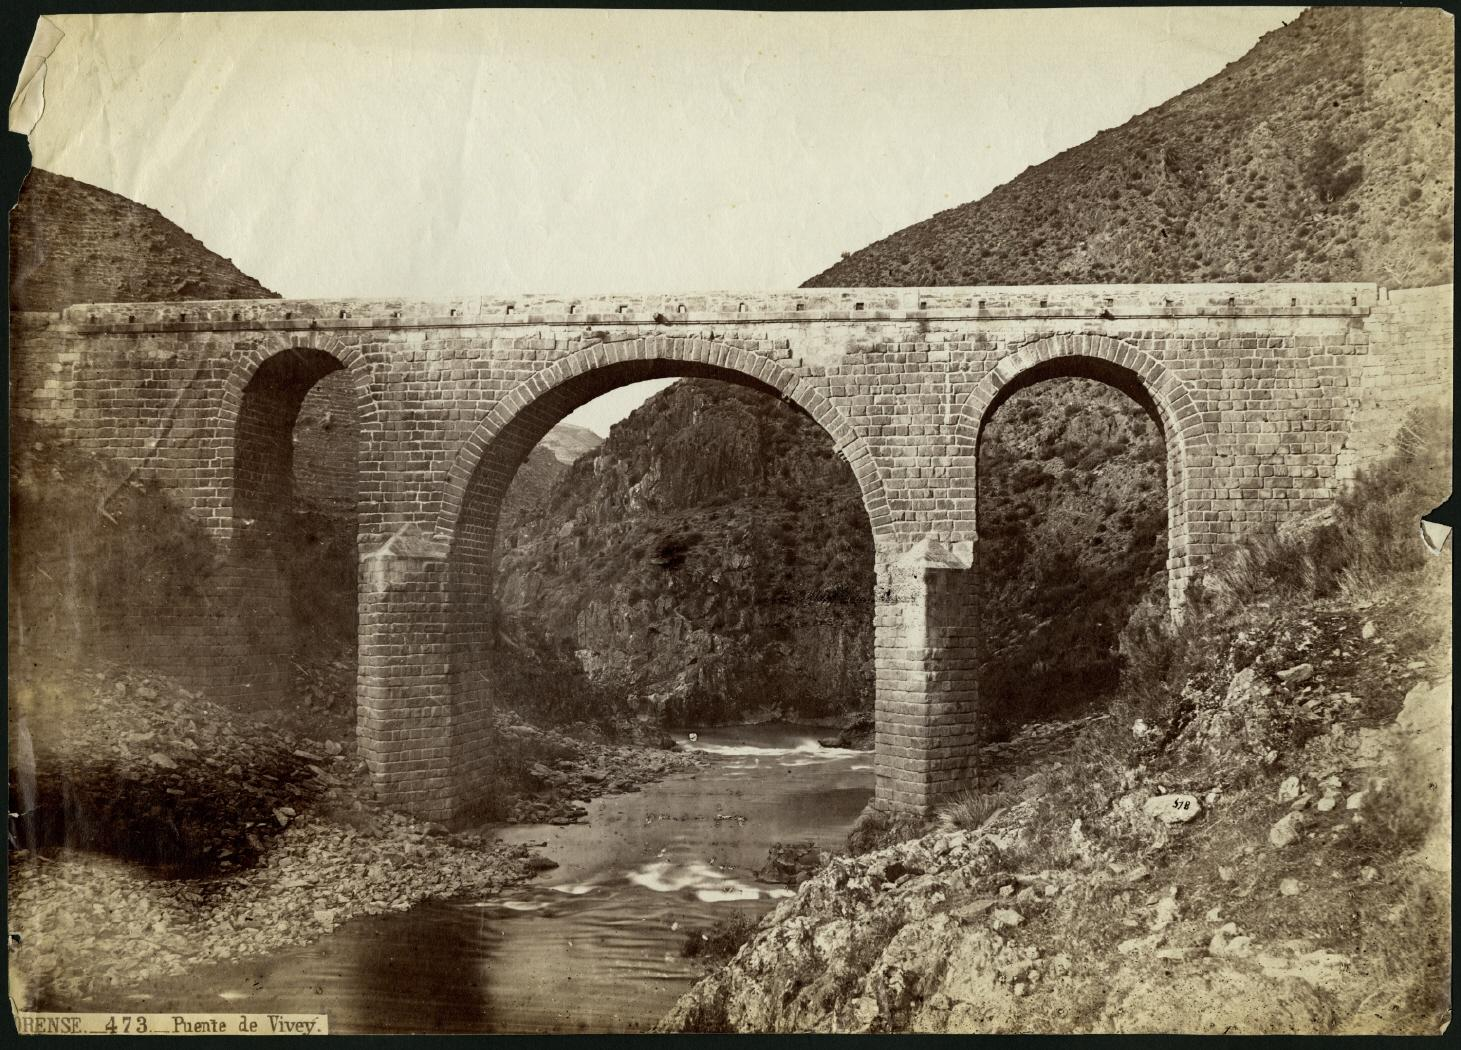 Ponte sobre o río Bibei a finais do século XIX